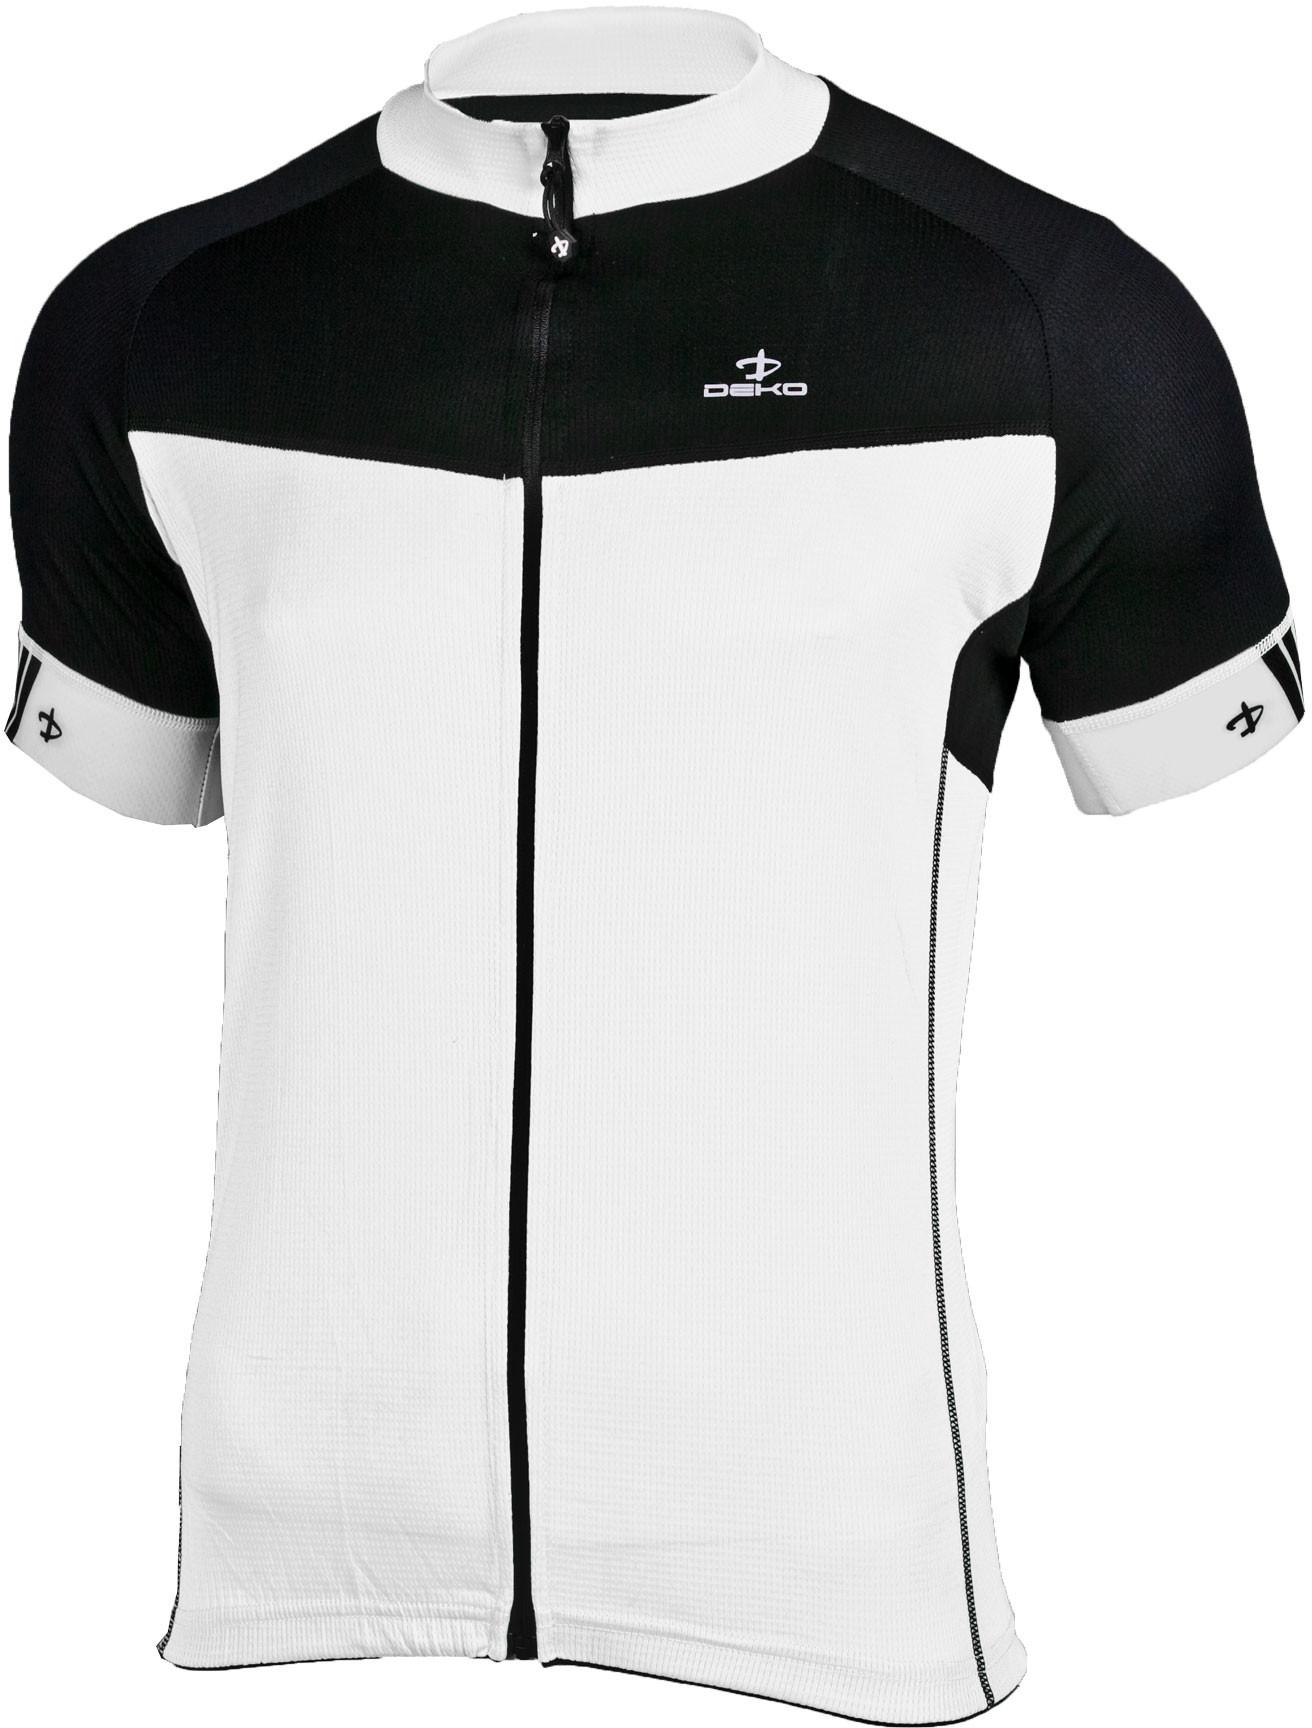 f4086f33f621e DEKO FORZA męska koszulka rowerowa biało-czarny